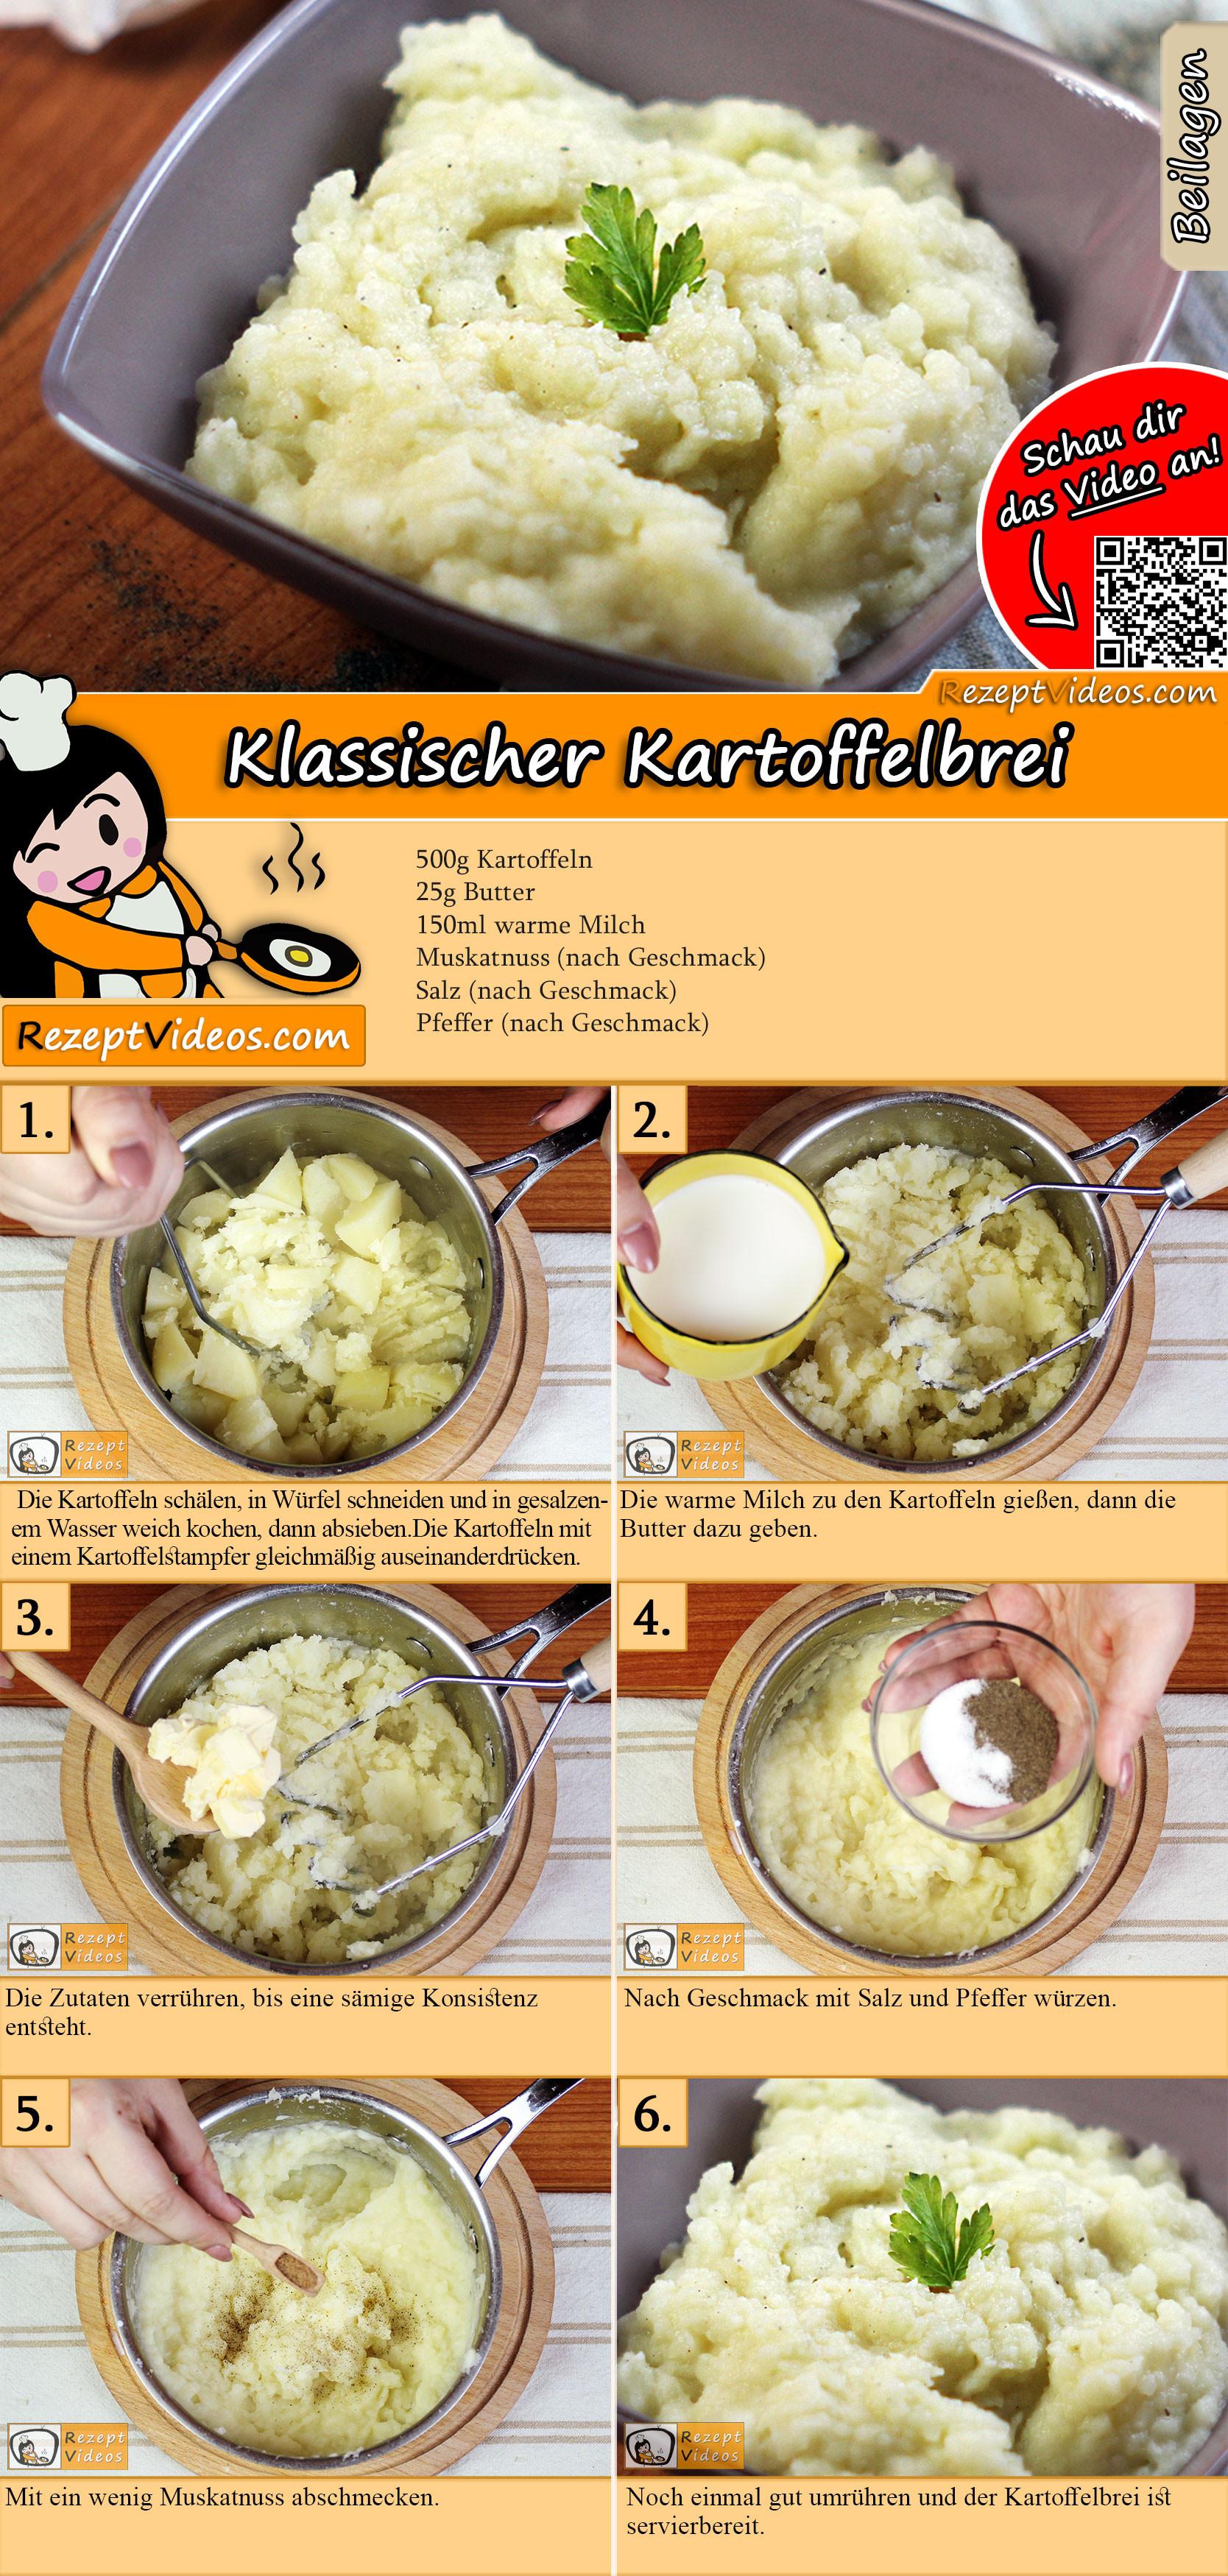 Klassischer Kartoffelbrei Rezept mit Video